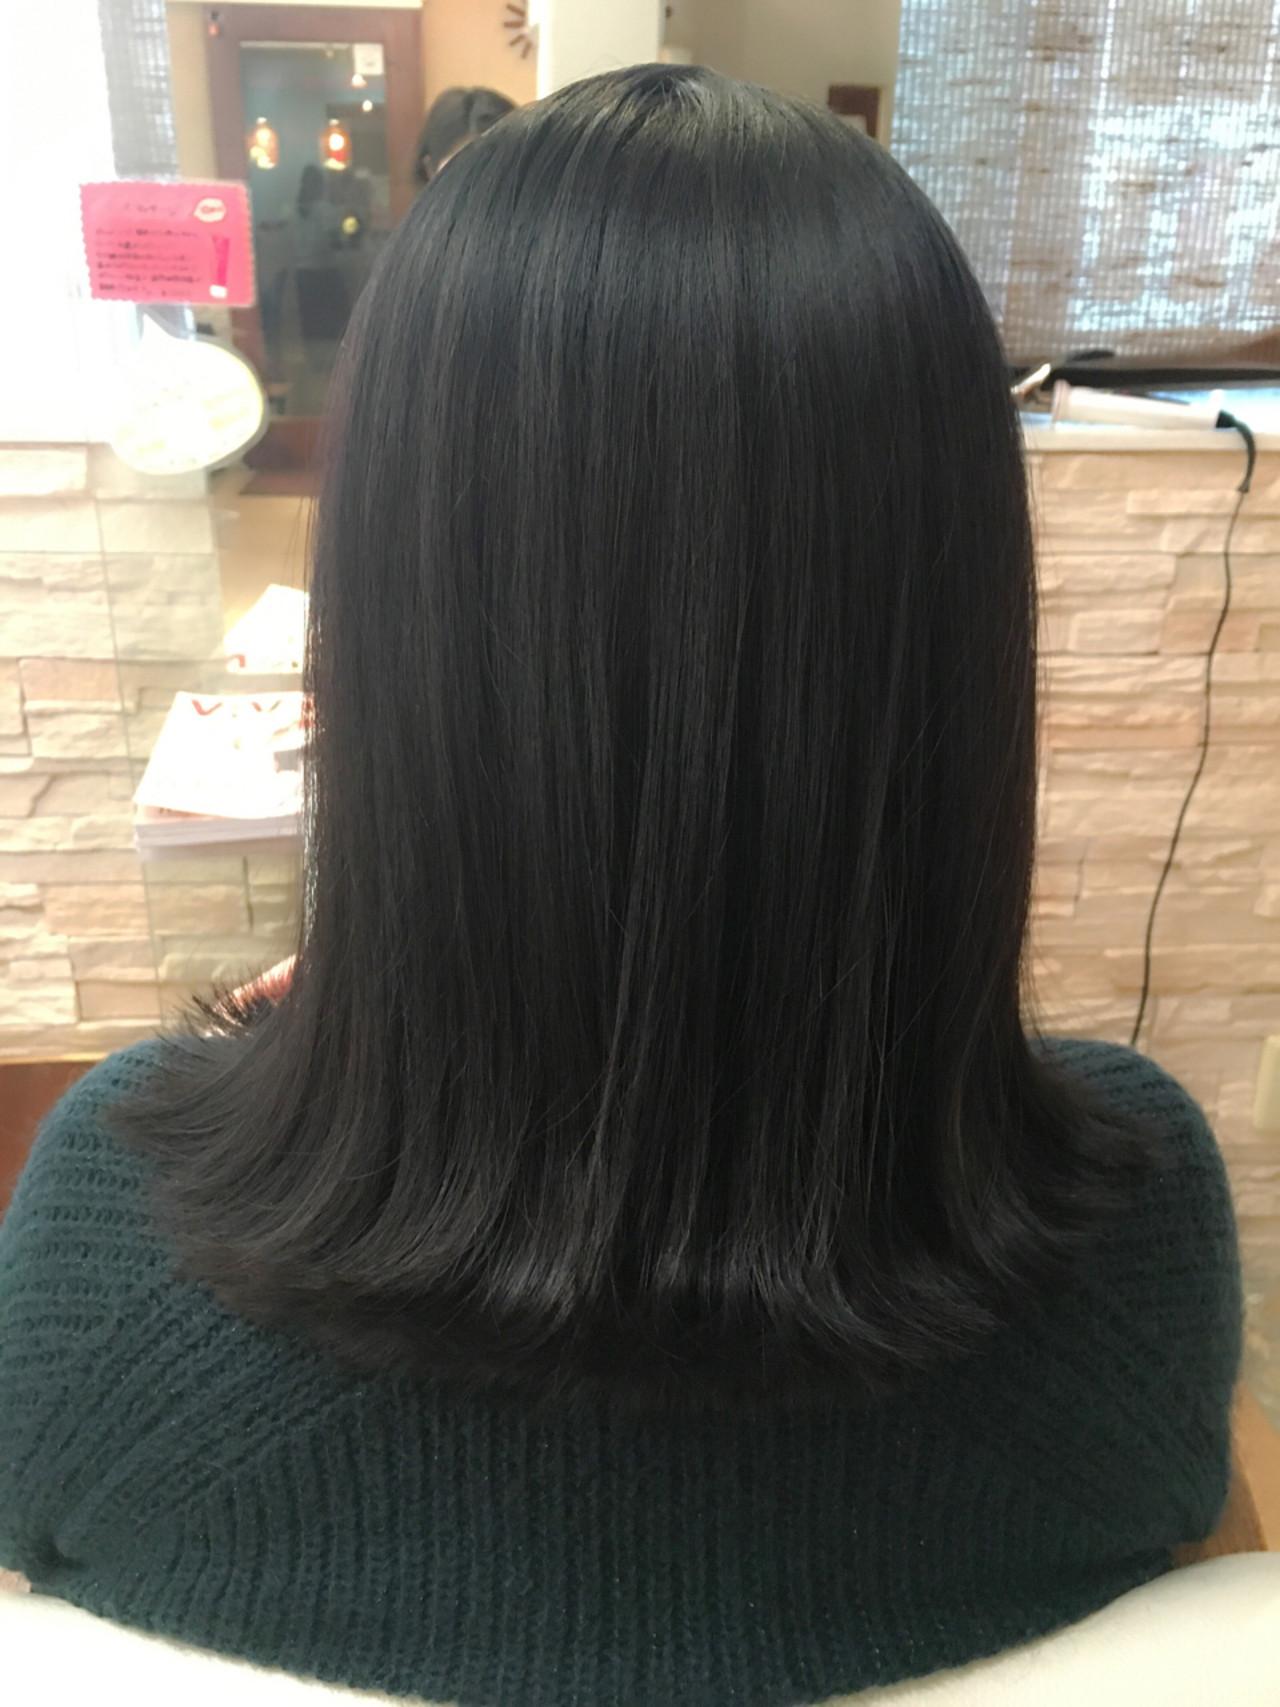 ネイビー ナチュラル 黒髪 暗髪ヘアスタイルや髪型の写真・画像